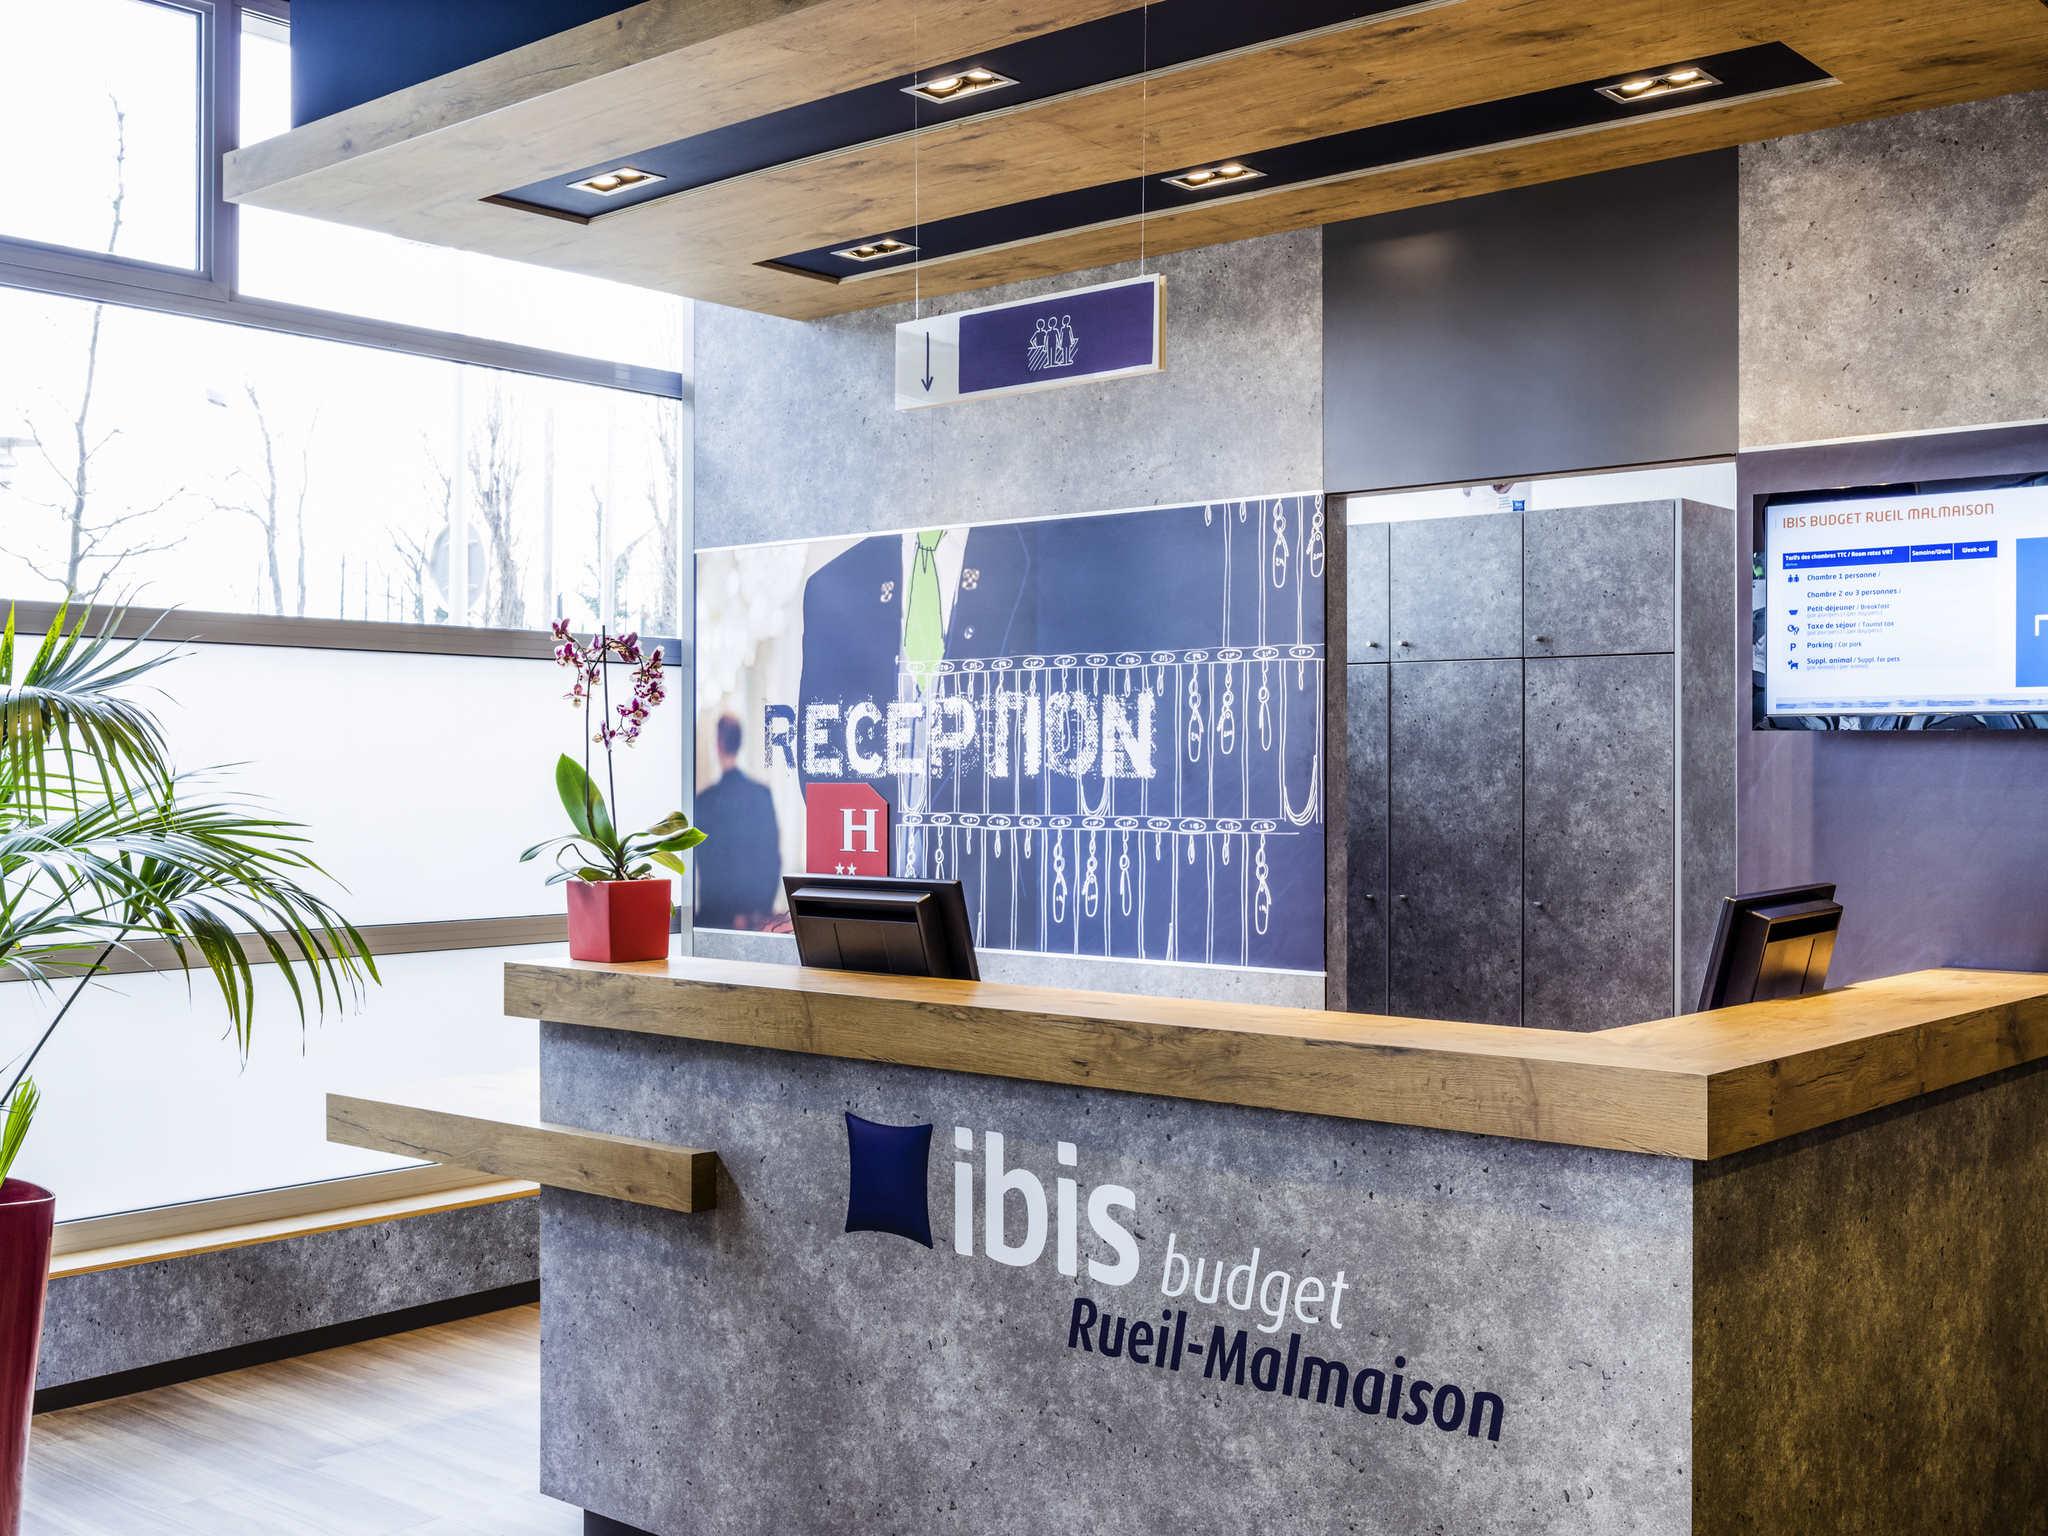 Hotell – ibis budget Rueil Malmaison